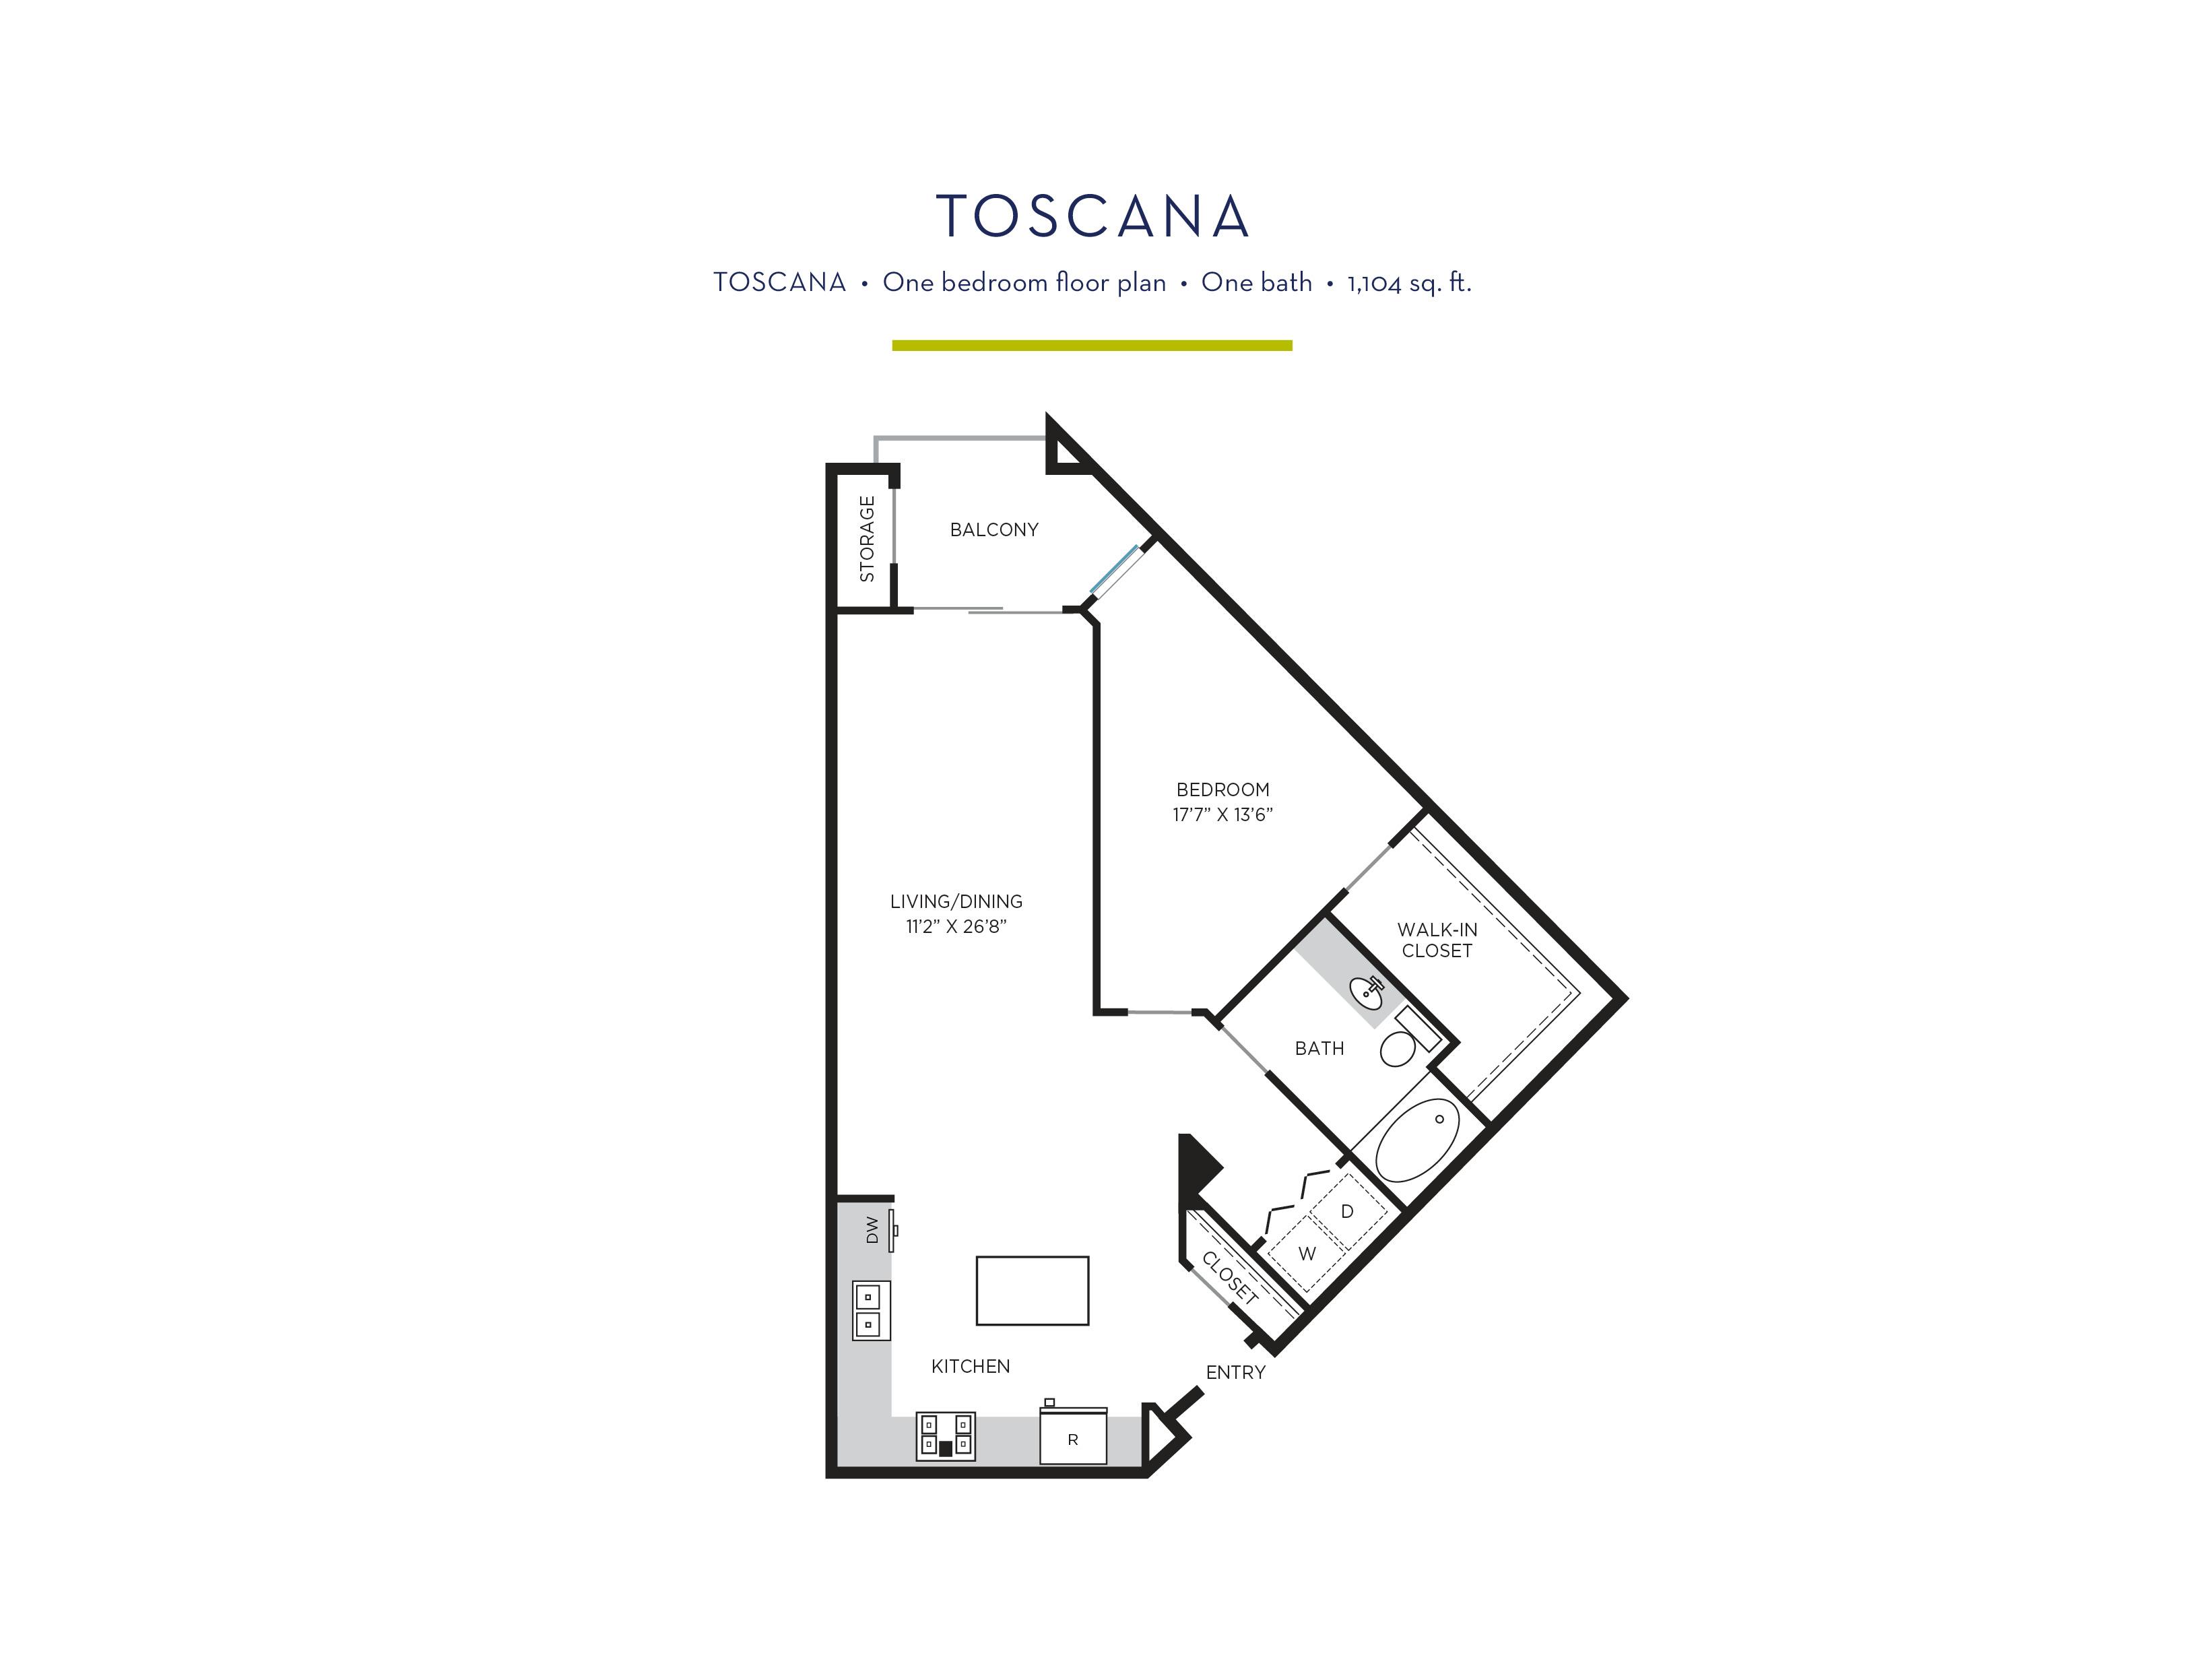 Plan Toscana